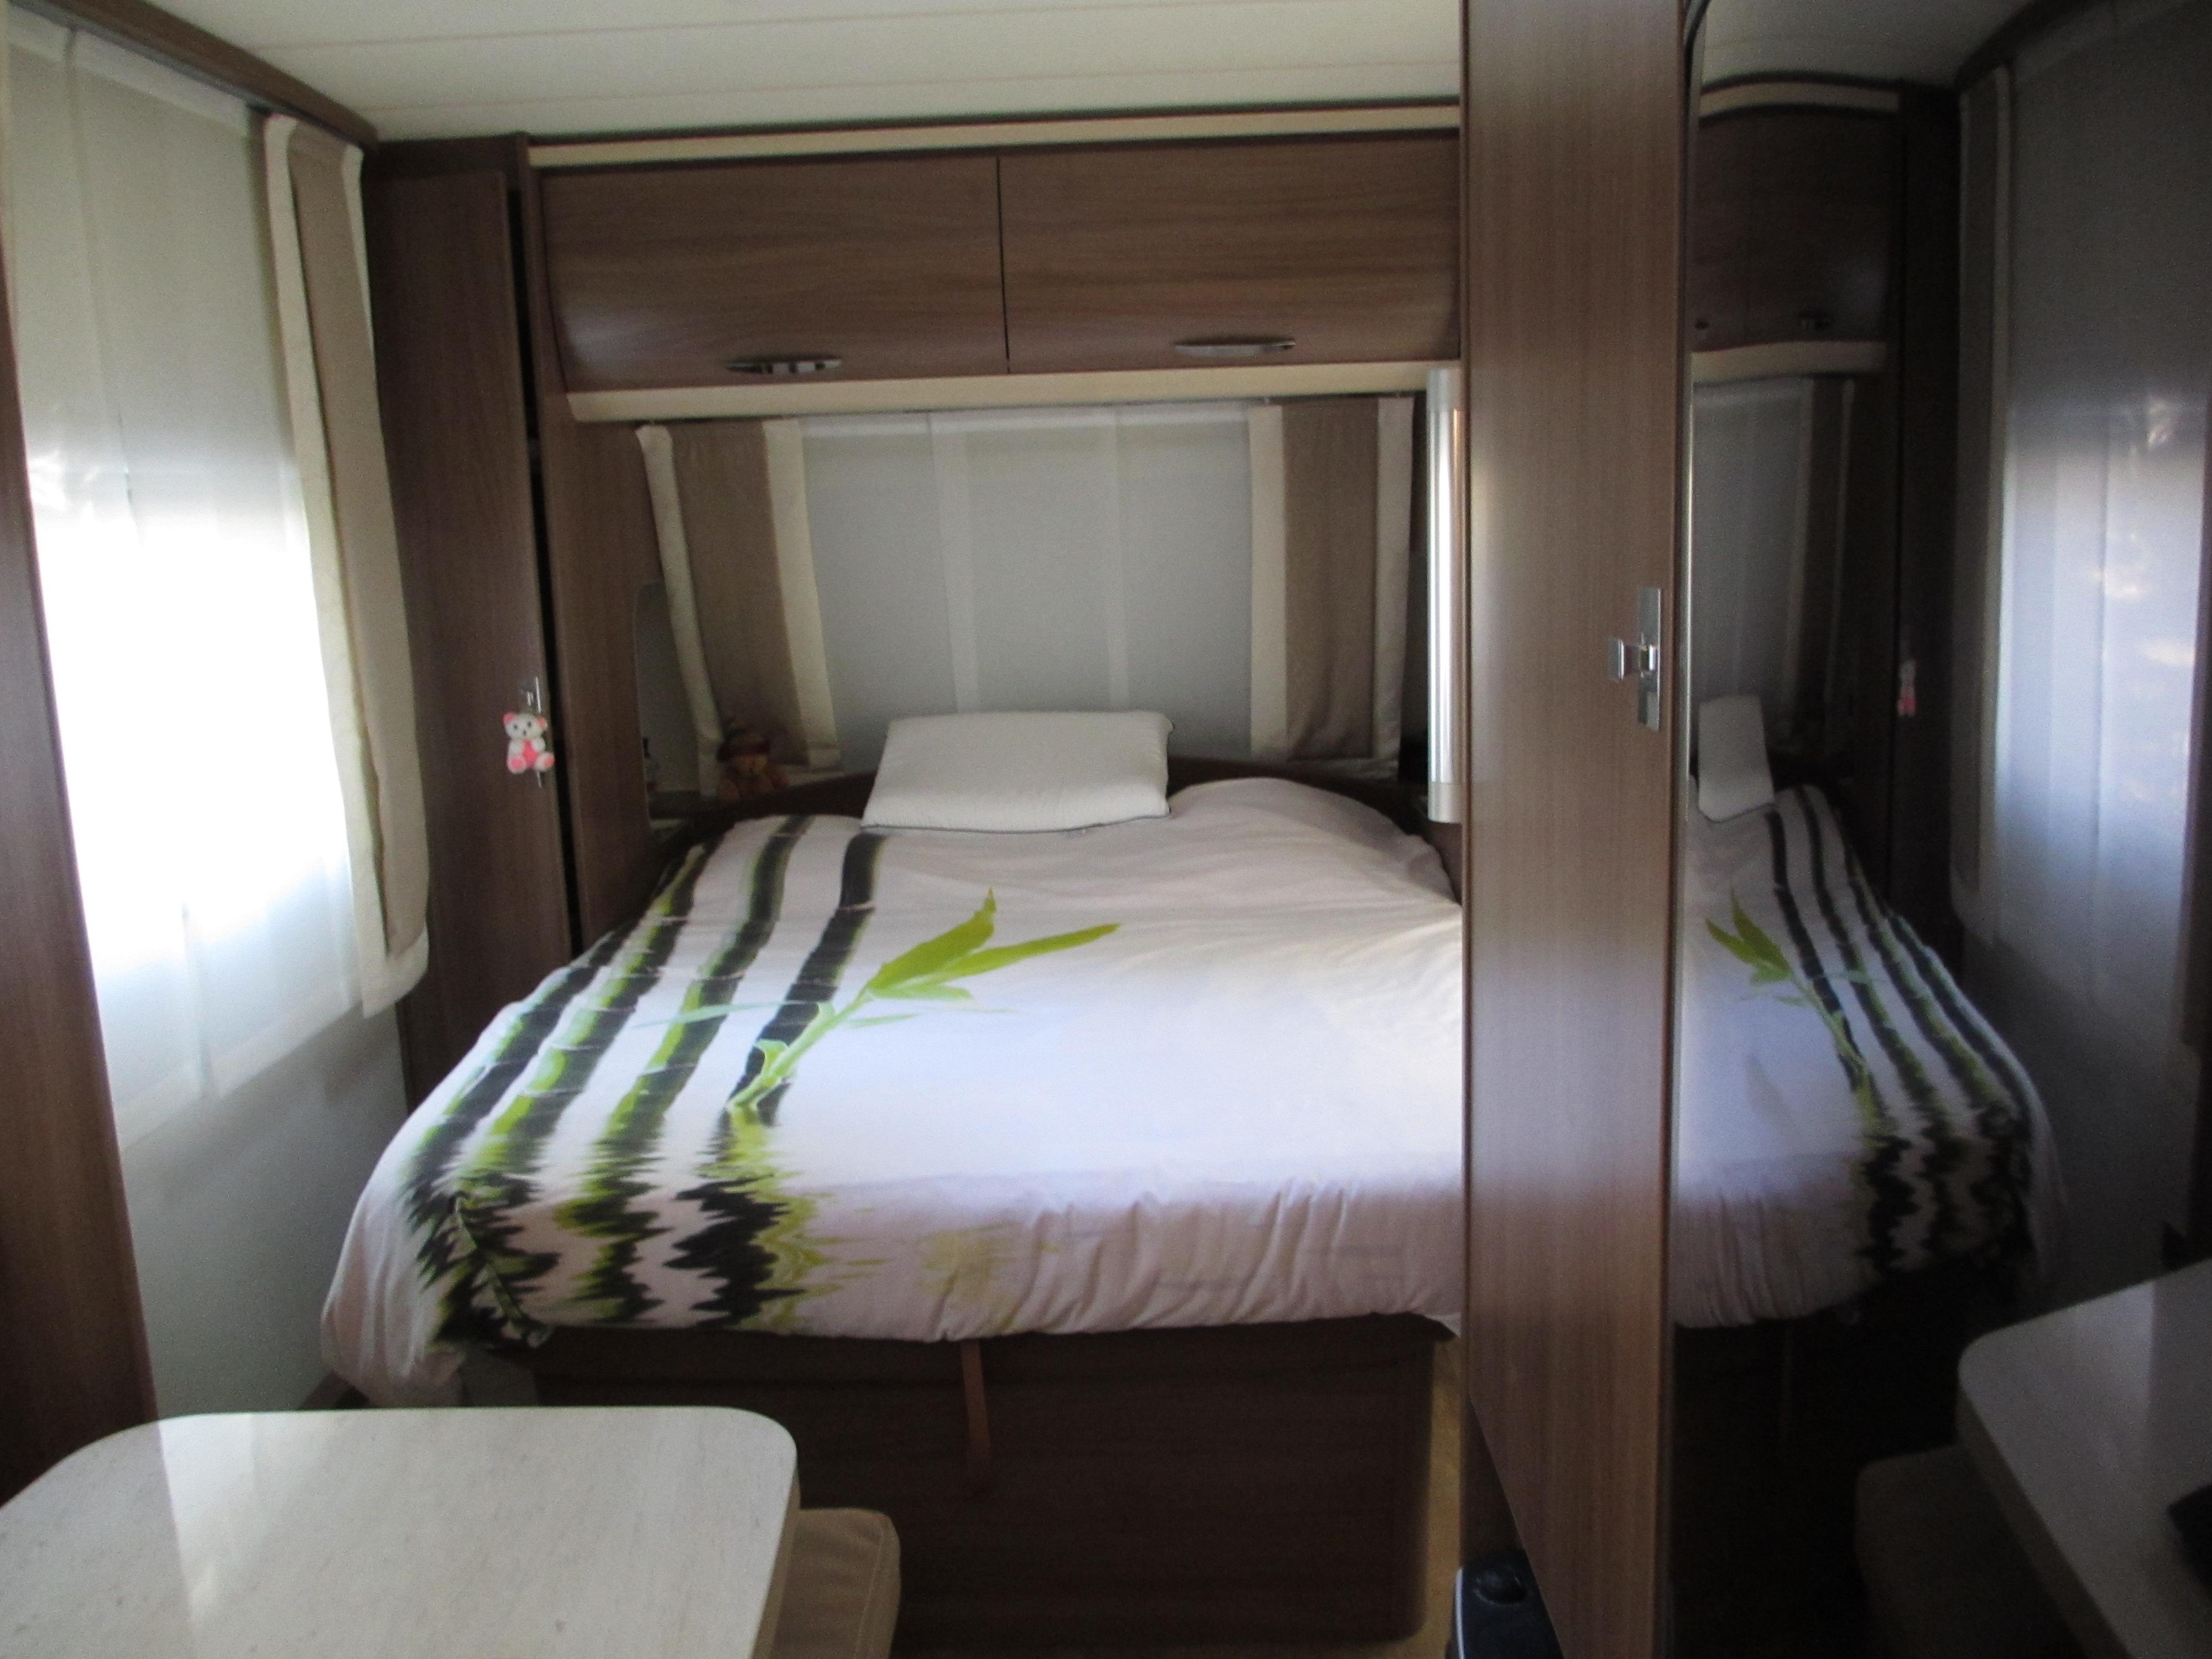 caravane occasion ile de france annonces de caravane occasion. Black Bedroom Furniture Sets. Home Design Ideas